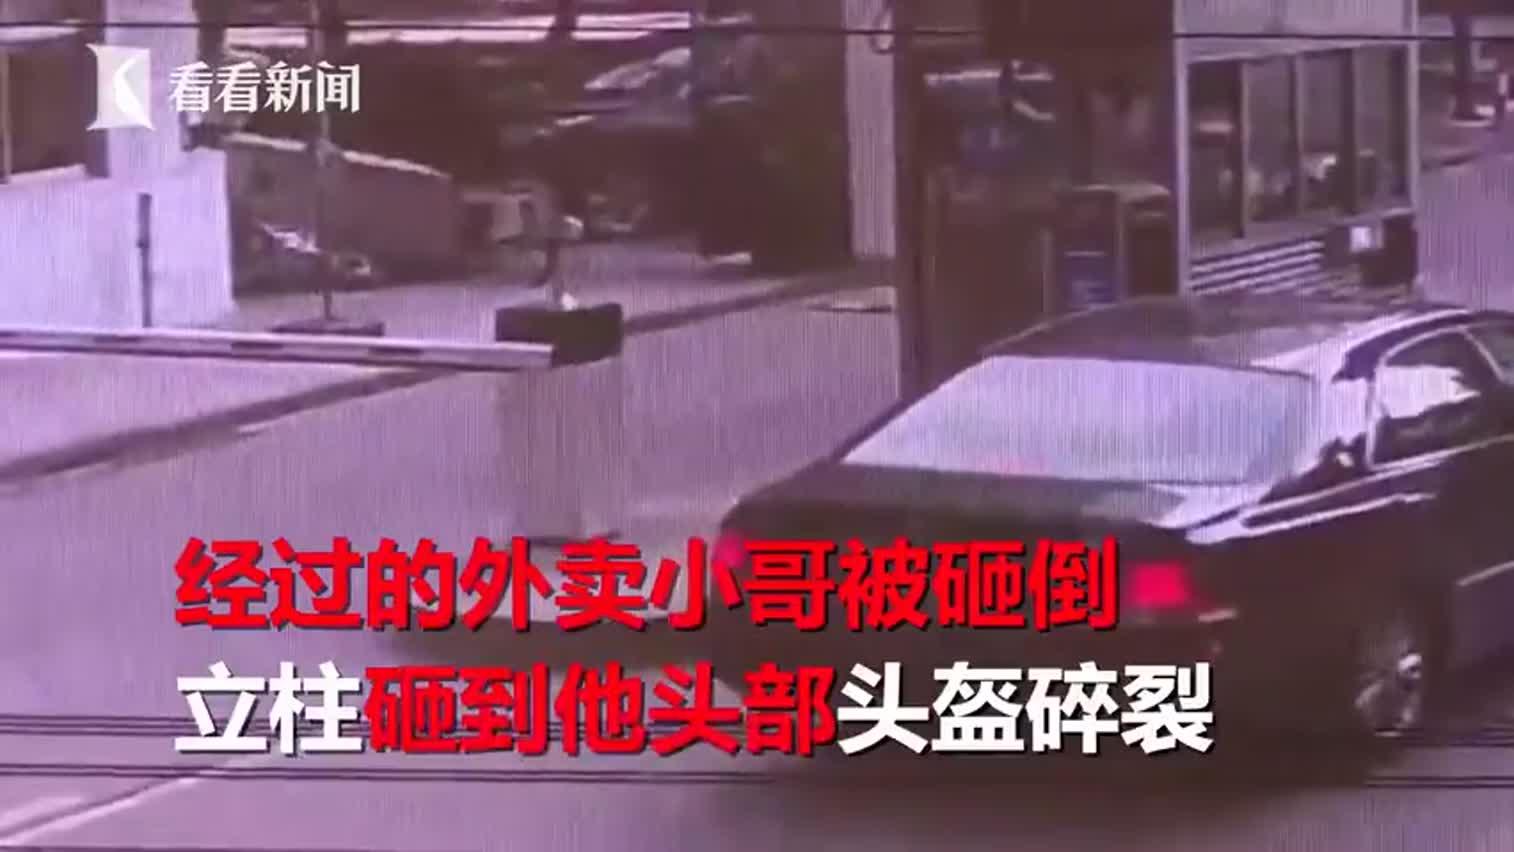 视频:监控惊魂!两车碰擦一车失控撞倒围墙 外卖小